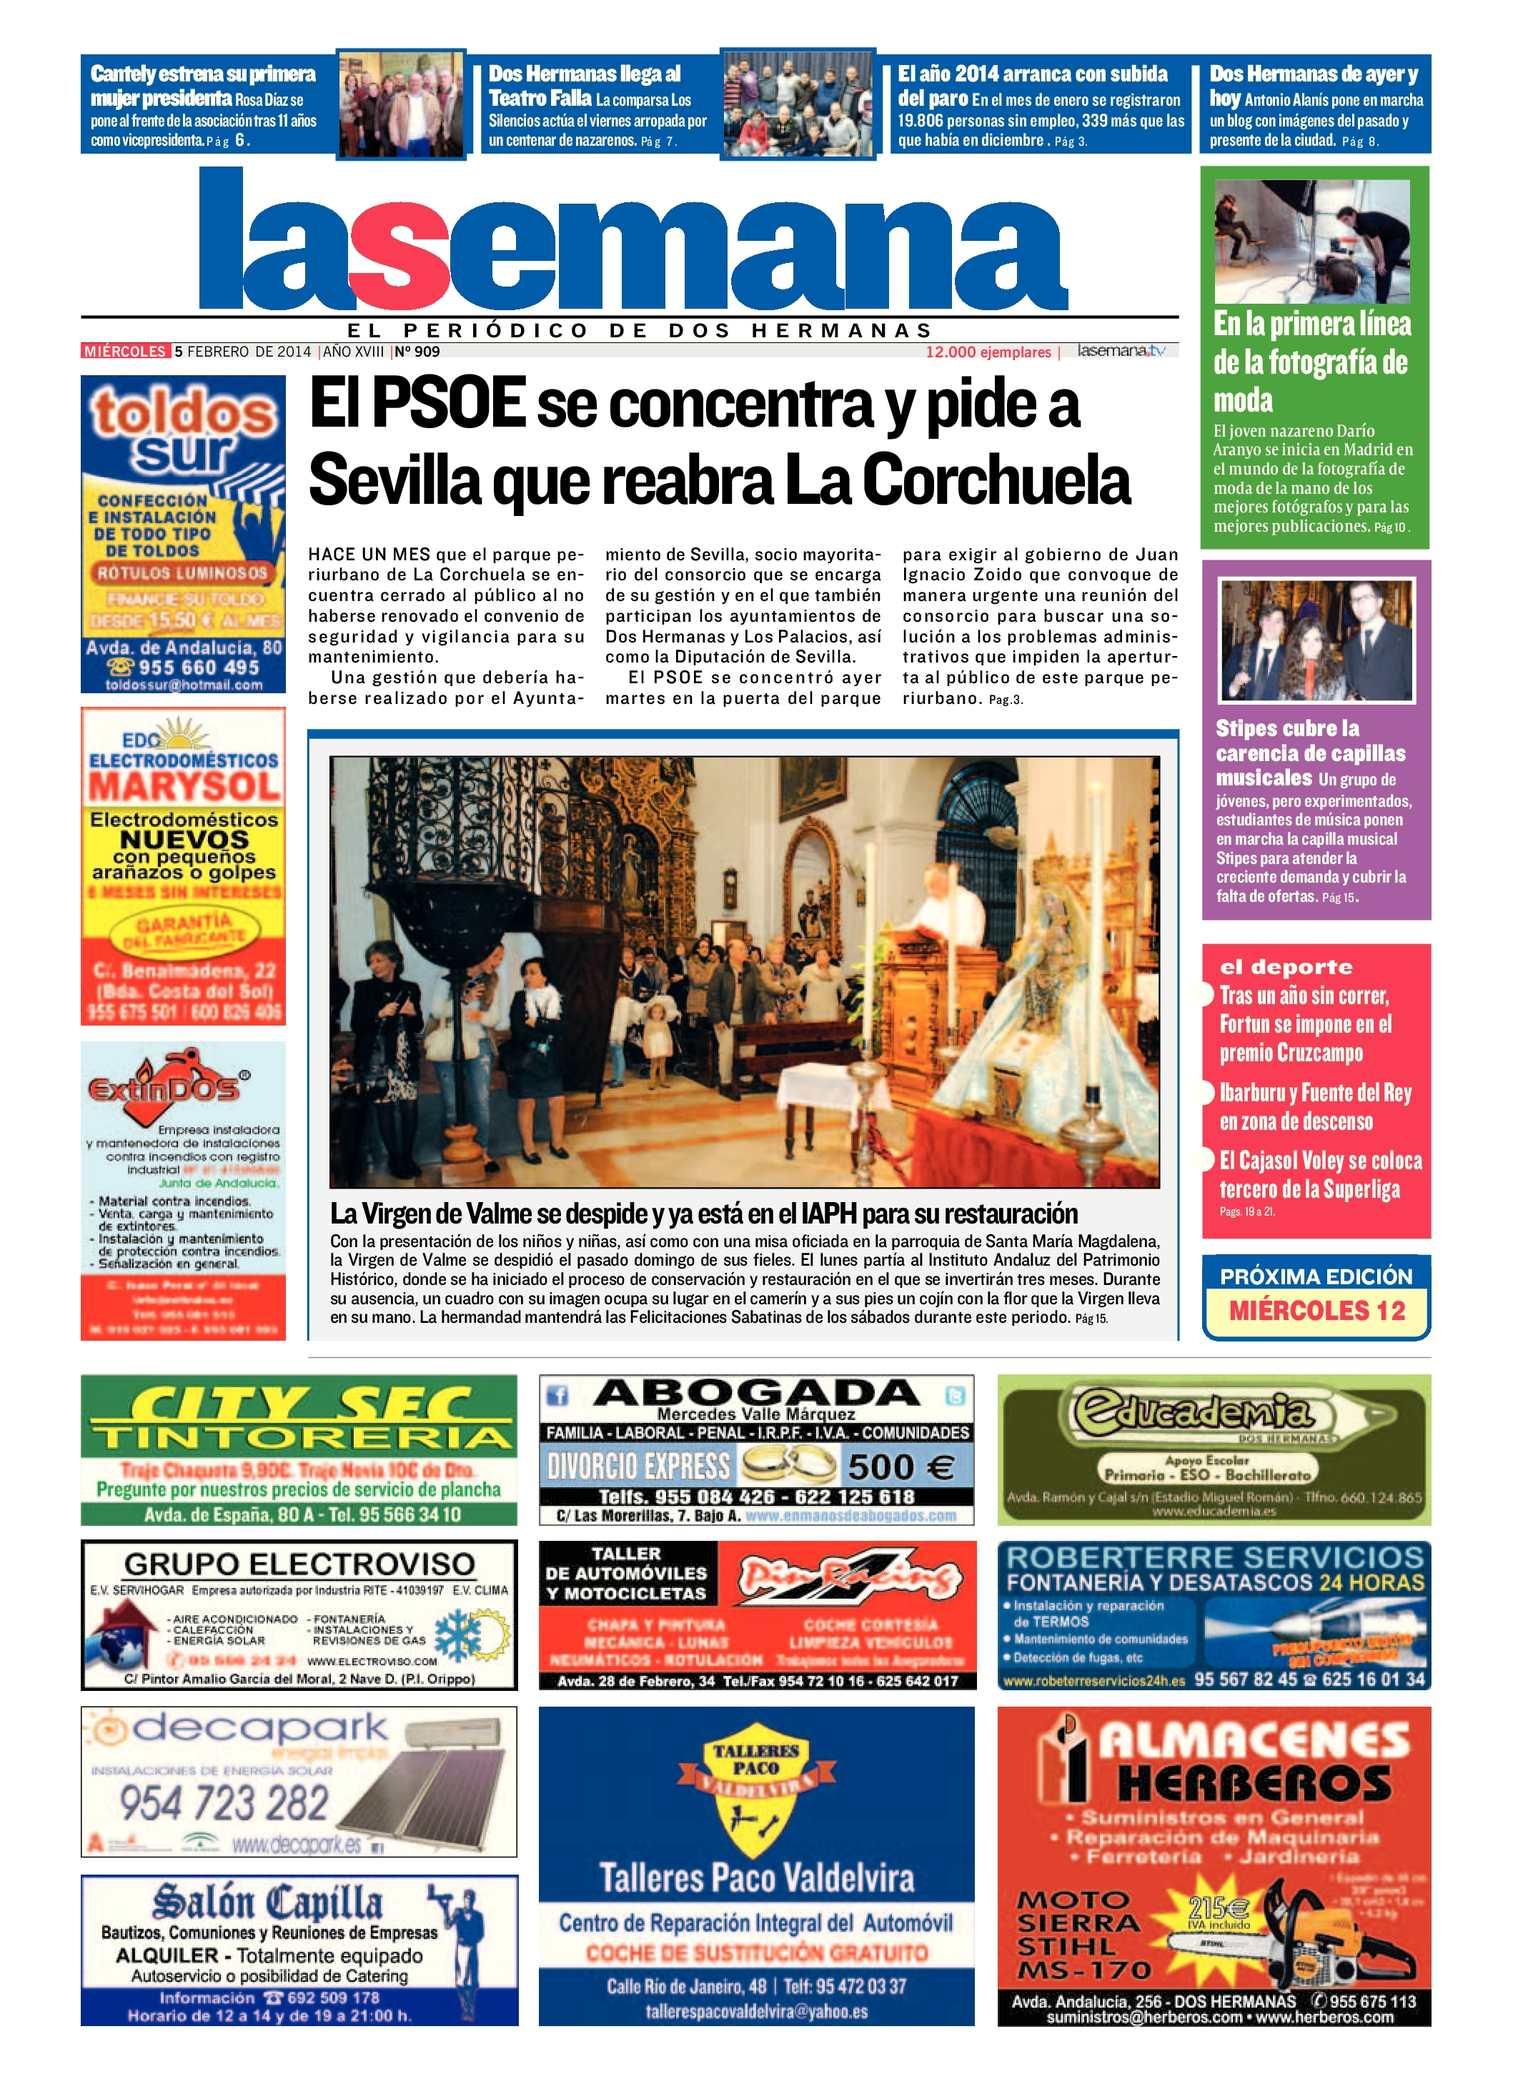 Calaméo - Periódico La Semana de Dos Hermanas Nº 909